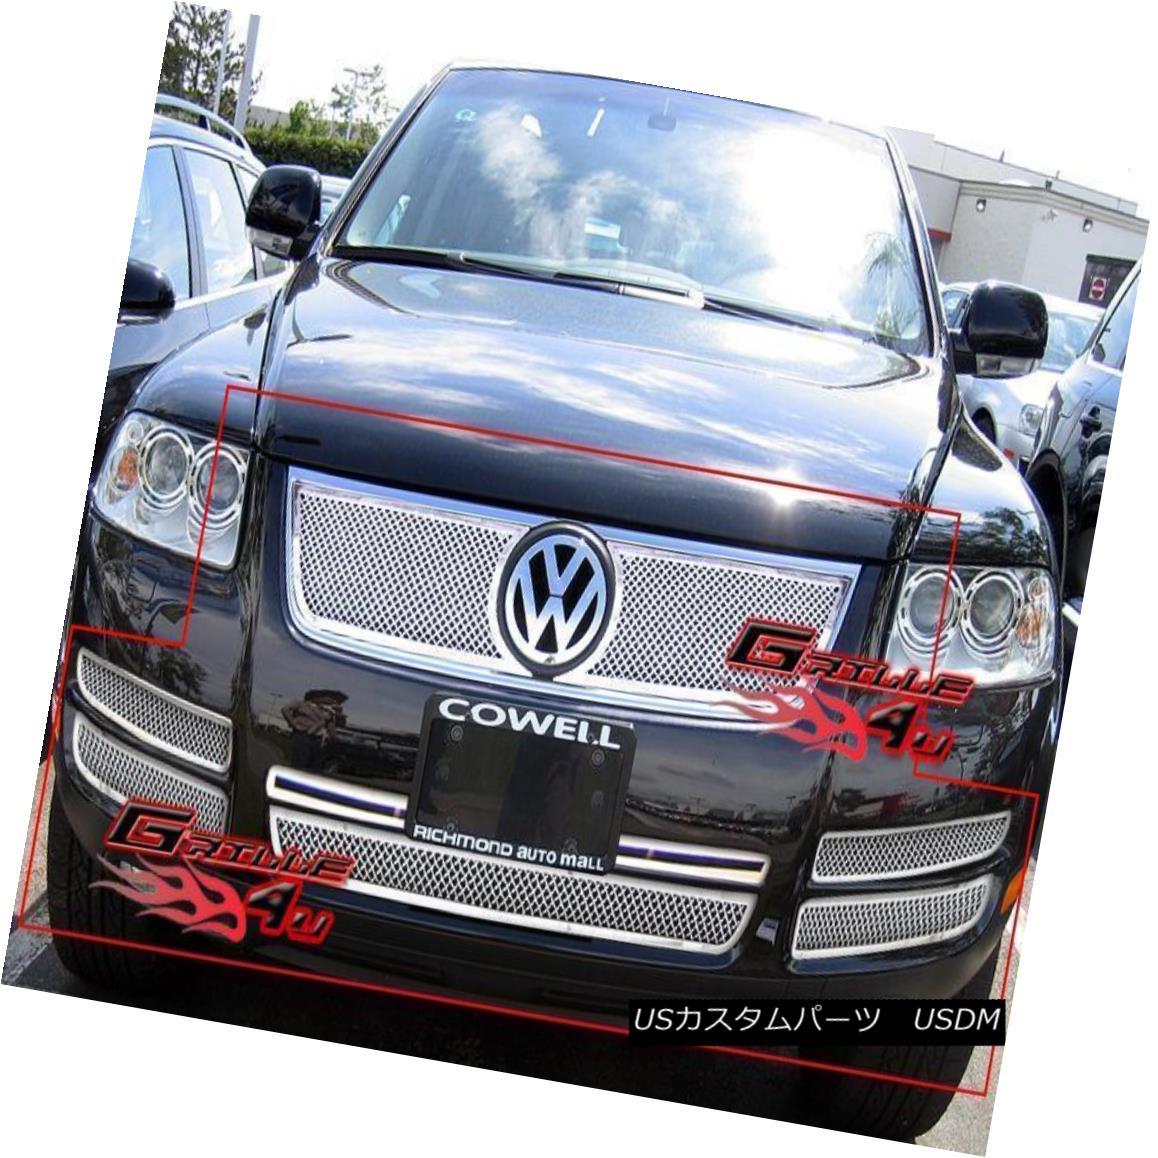 グリル Fits 03-07 Volkswagen Touareg V6 Stainless Mesh Grille Combo フィット03-07フォルクスワーゲントアレグV6ステンレスメッシュグリルコンボ